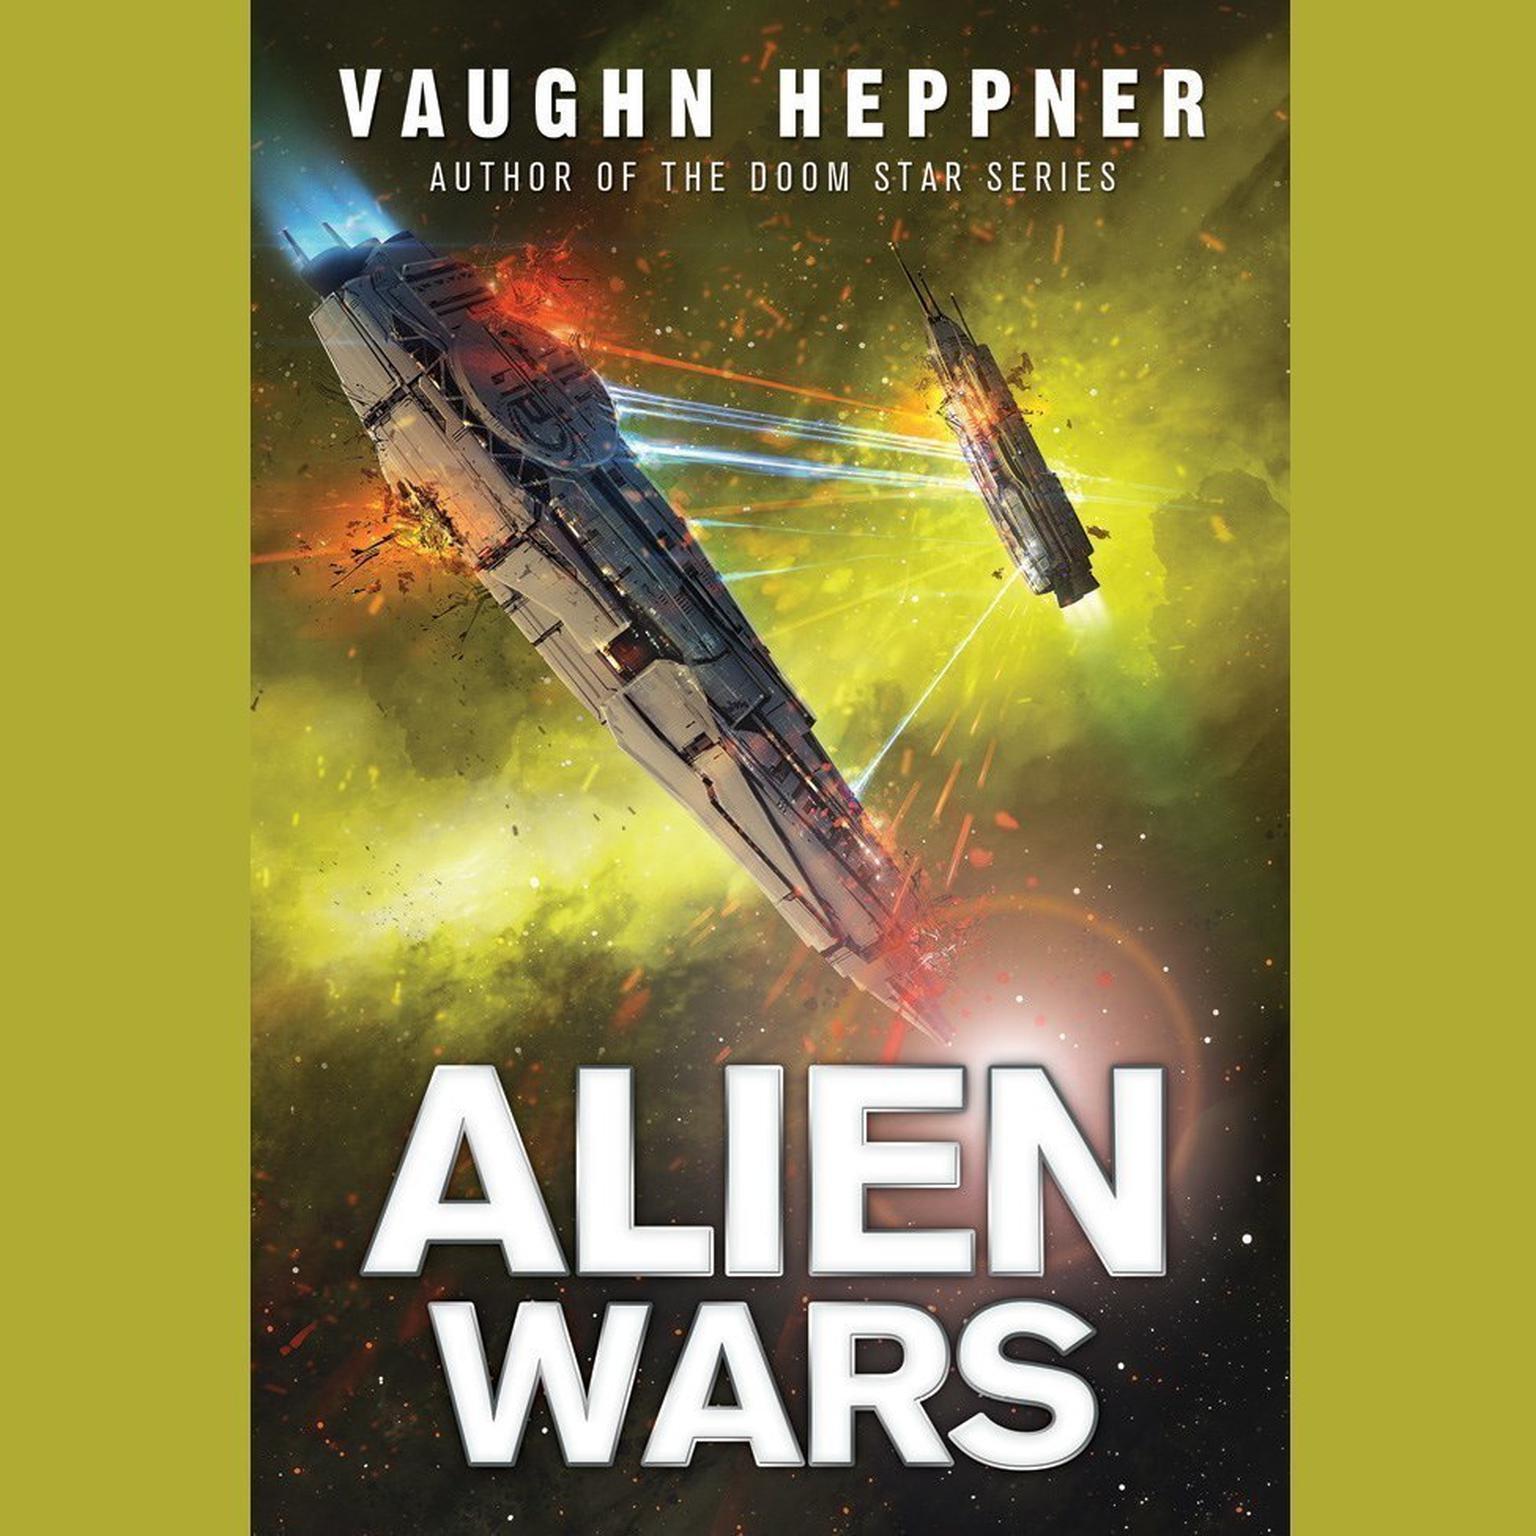 Alien Wars Audiobook, by Vaughn Heppner